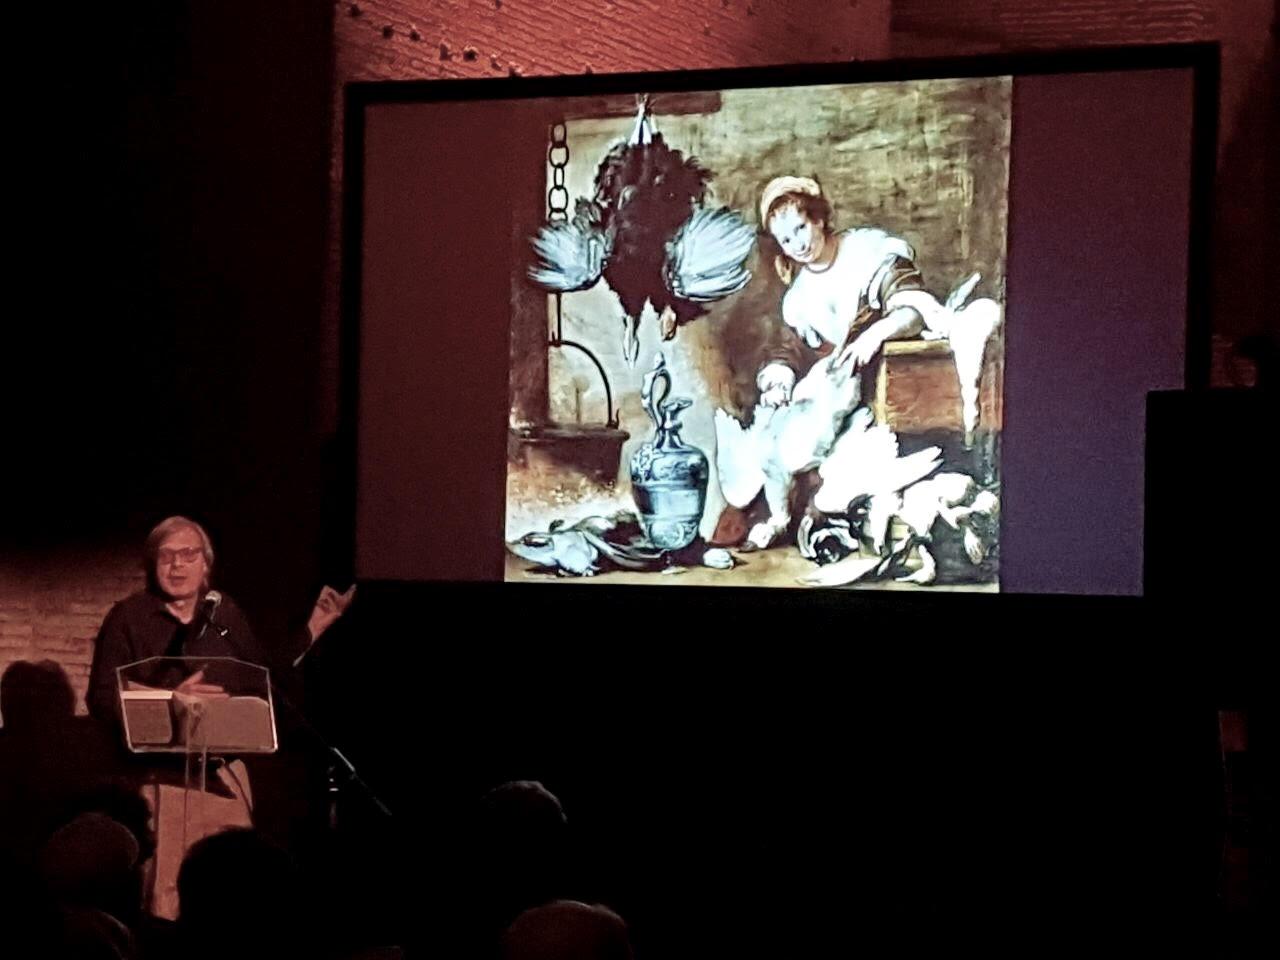 Centodieci è Arte: dall'ombra alla luce, Vittorio Sgarbi racconta il Seicento in pittura